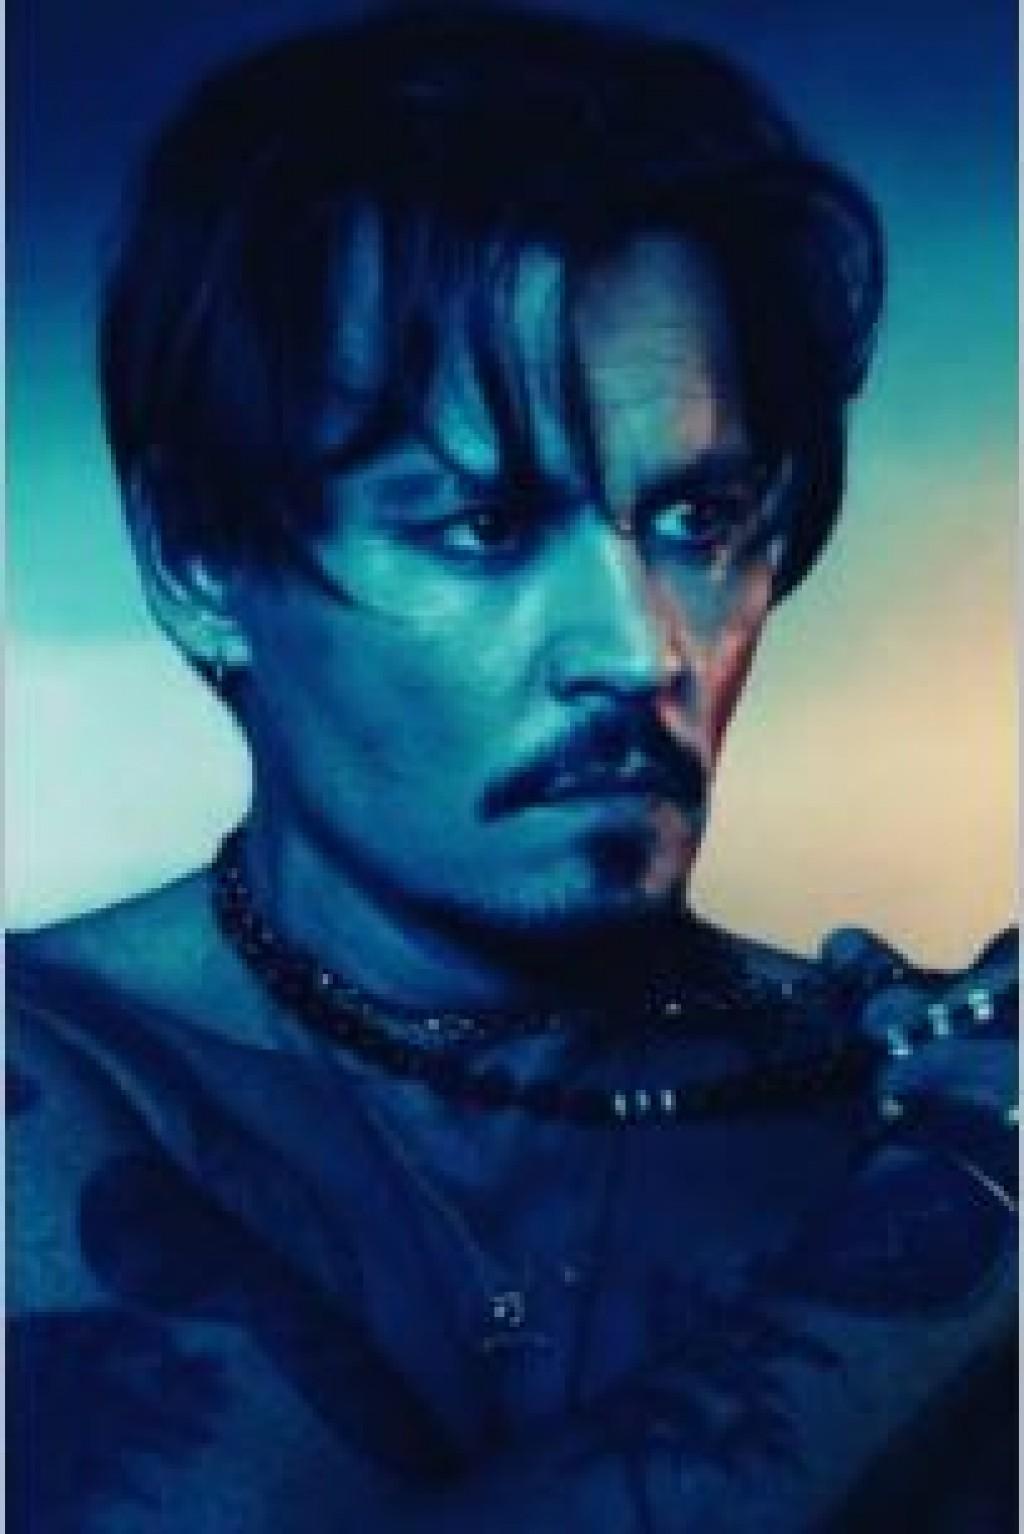 Producer Johnny Depp